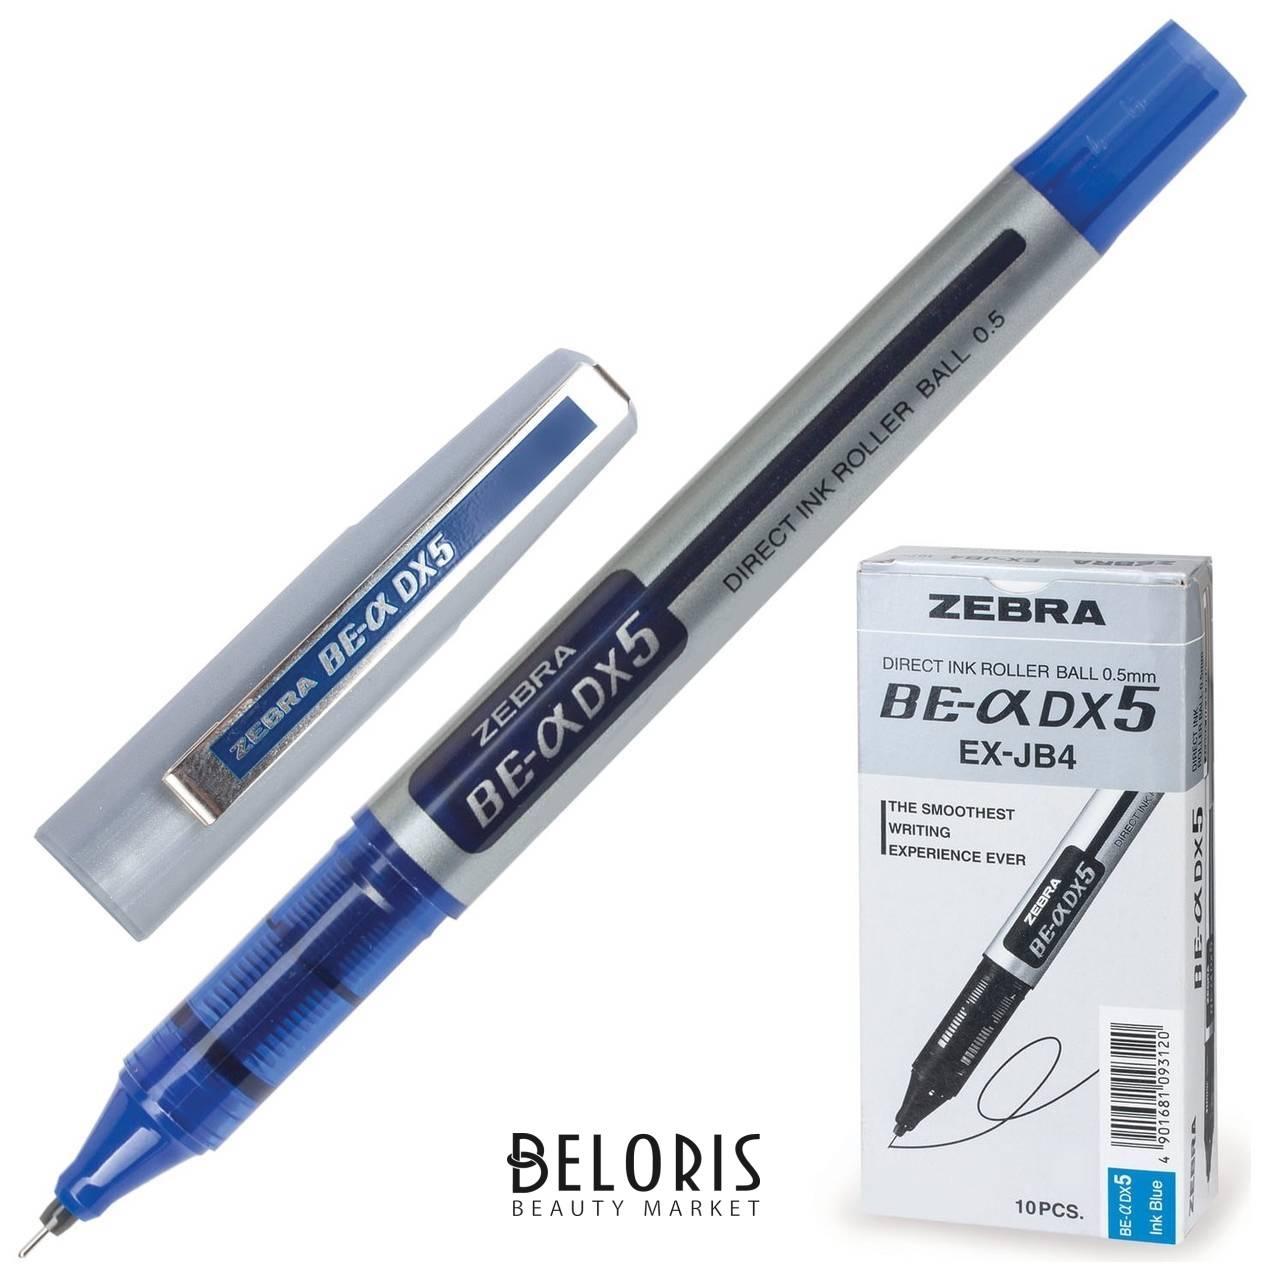 Ручка-роллер Zebra Zeb-roller Dx5, синяя, корпус серебристый, узел 0,5 мм, линия письма 0,3 мм  Zebra